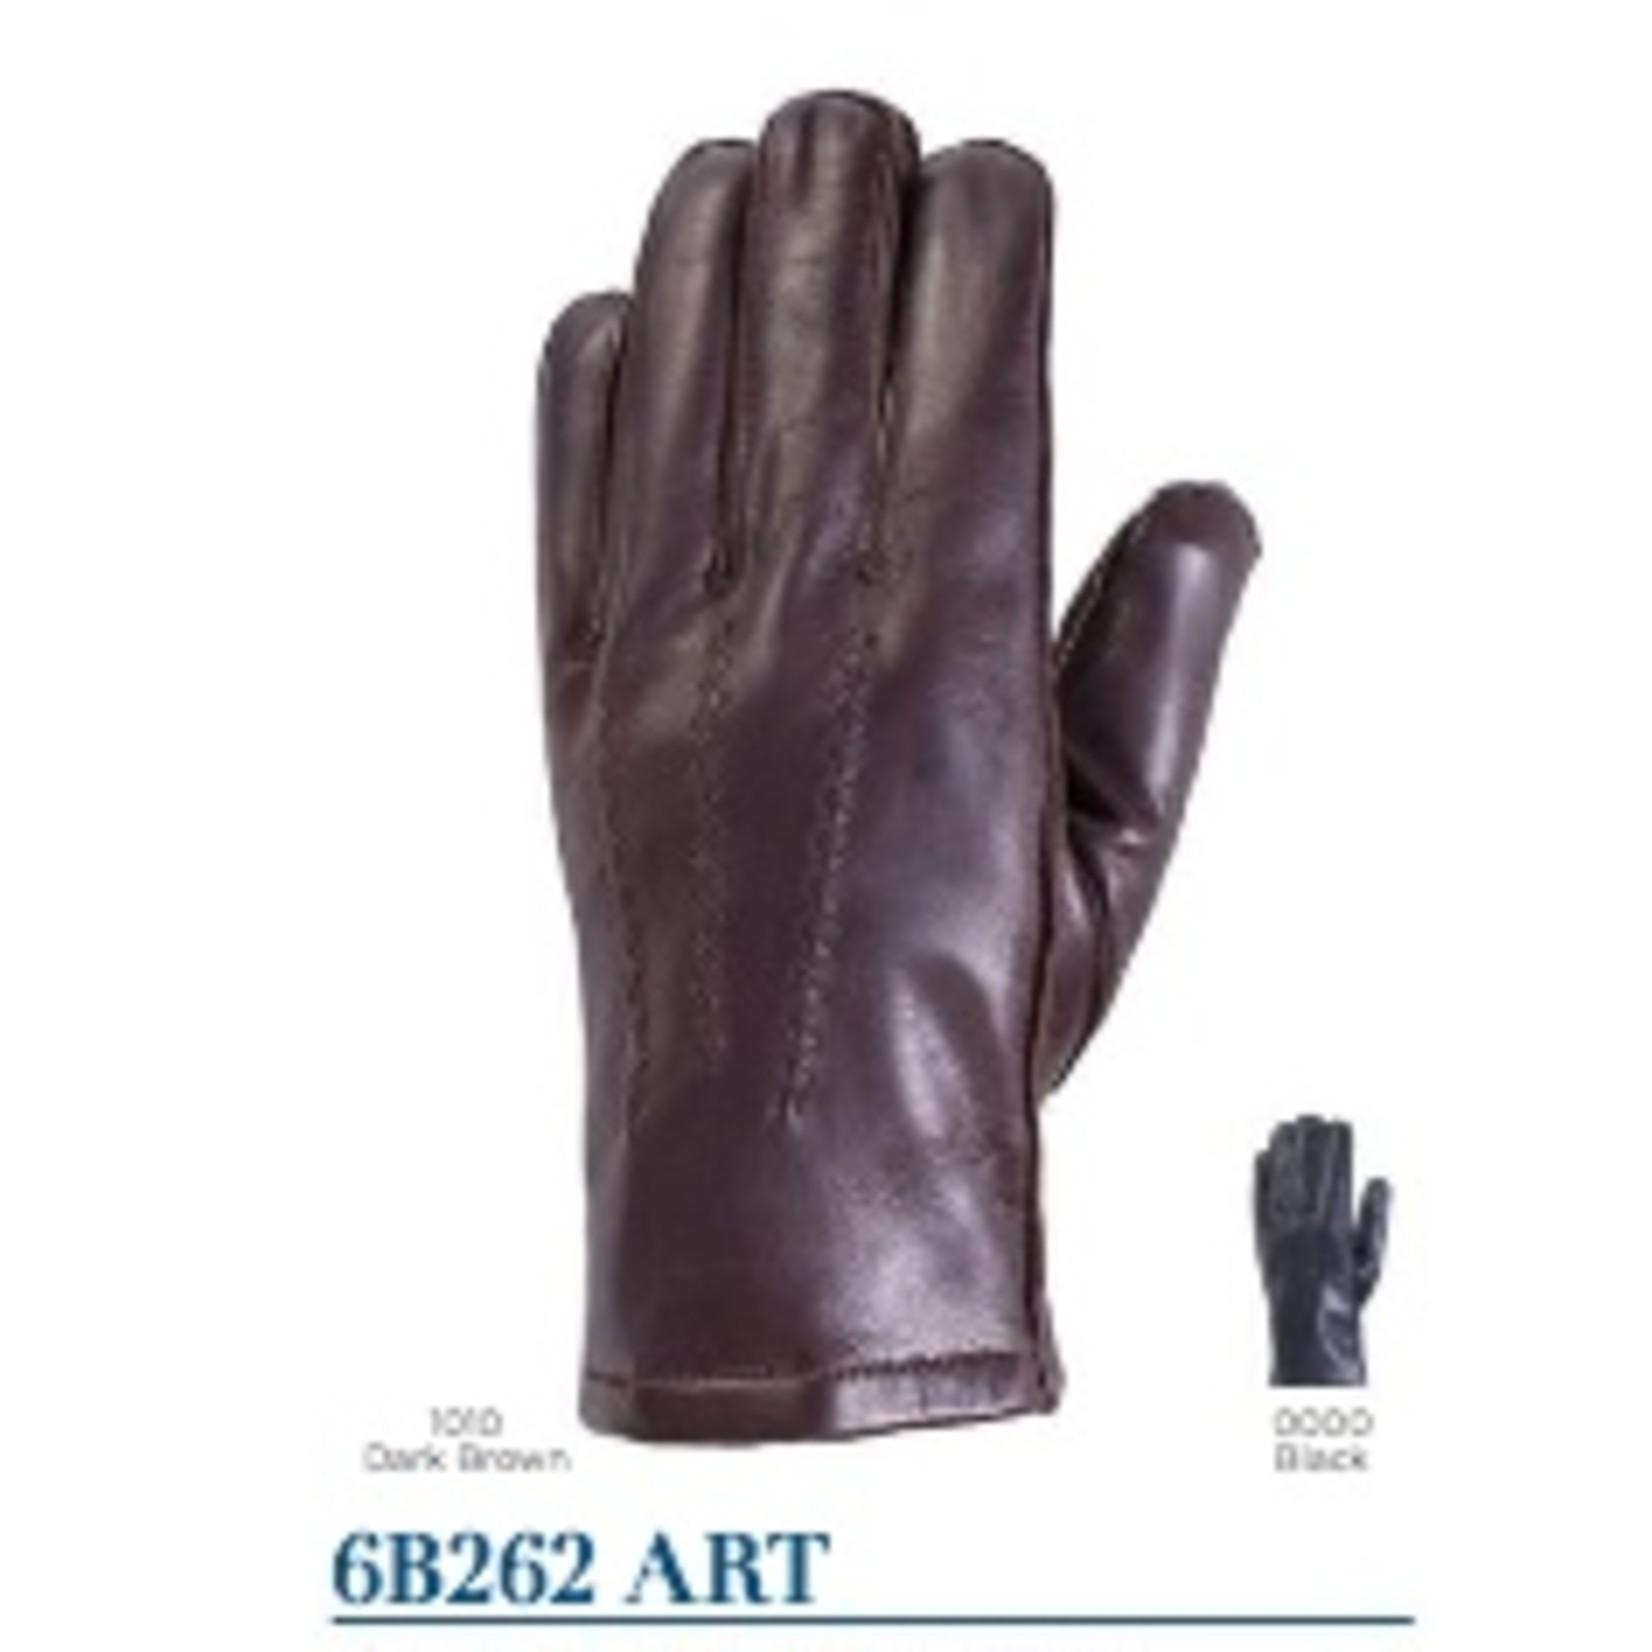 Auclair Auclair 6B262 Art Brown Leather Gloves